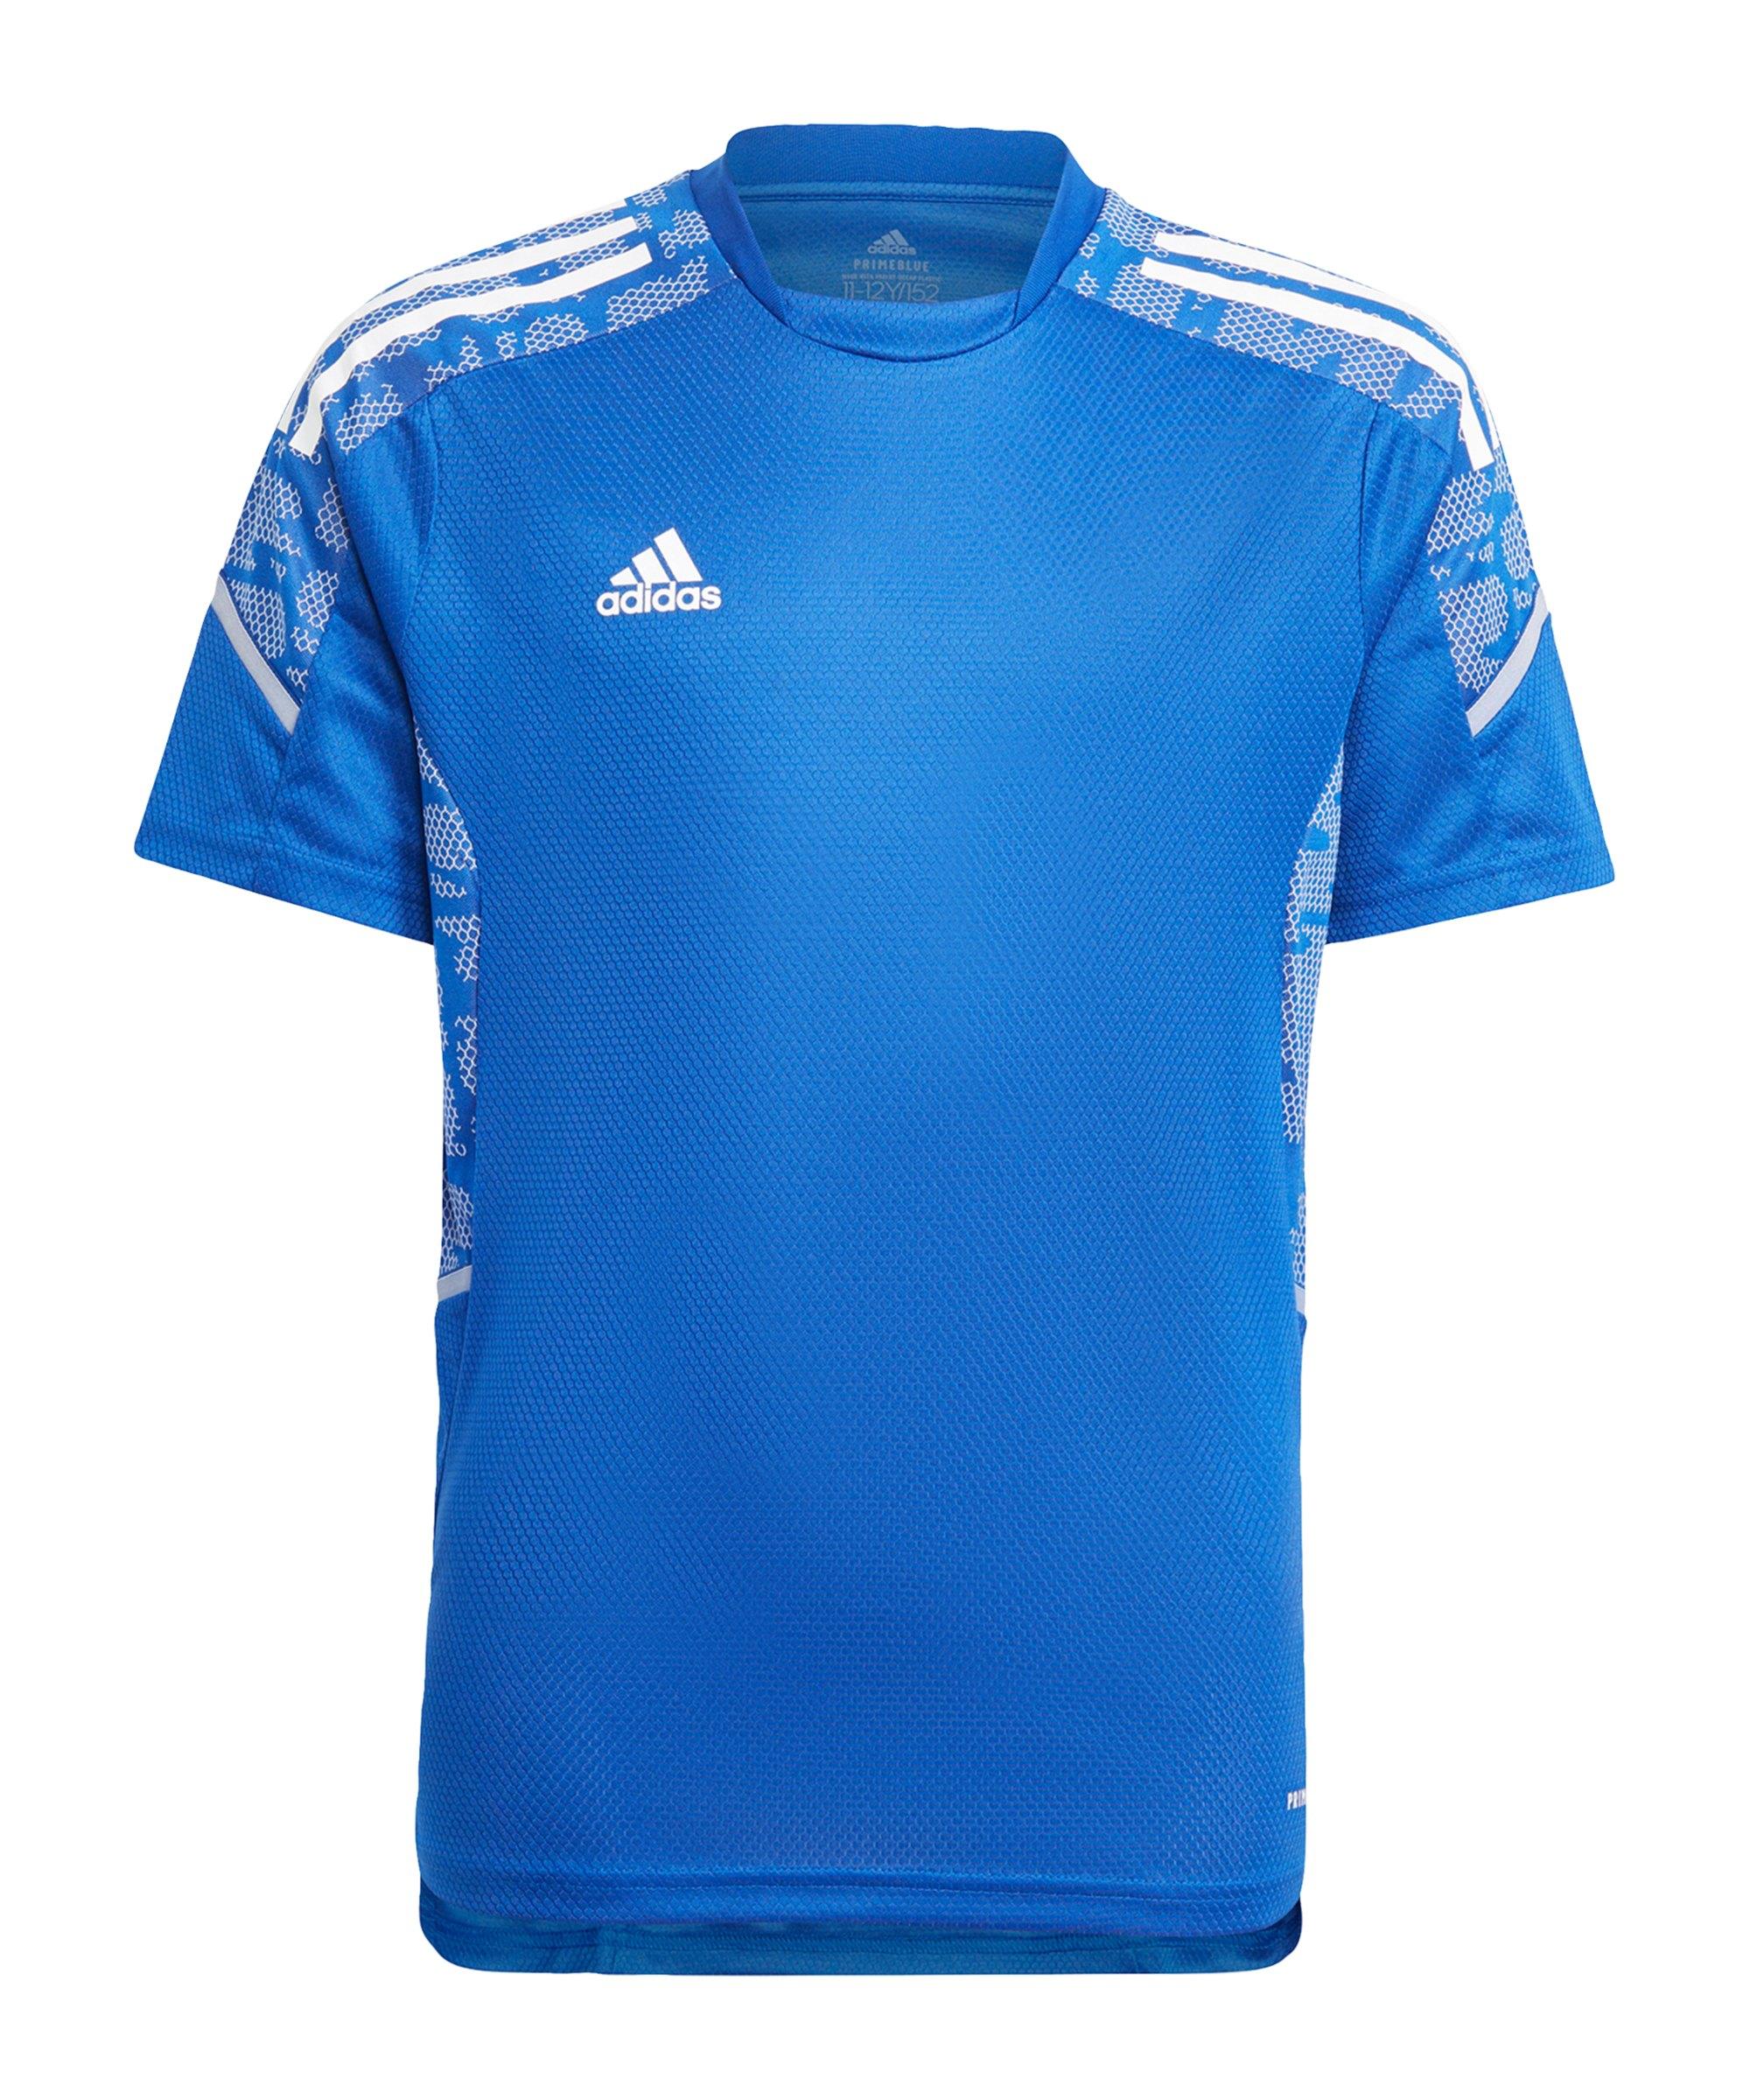 adidas Condivo 21 Trainingsshirt Kids Blau Weiss - blau